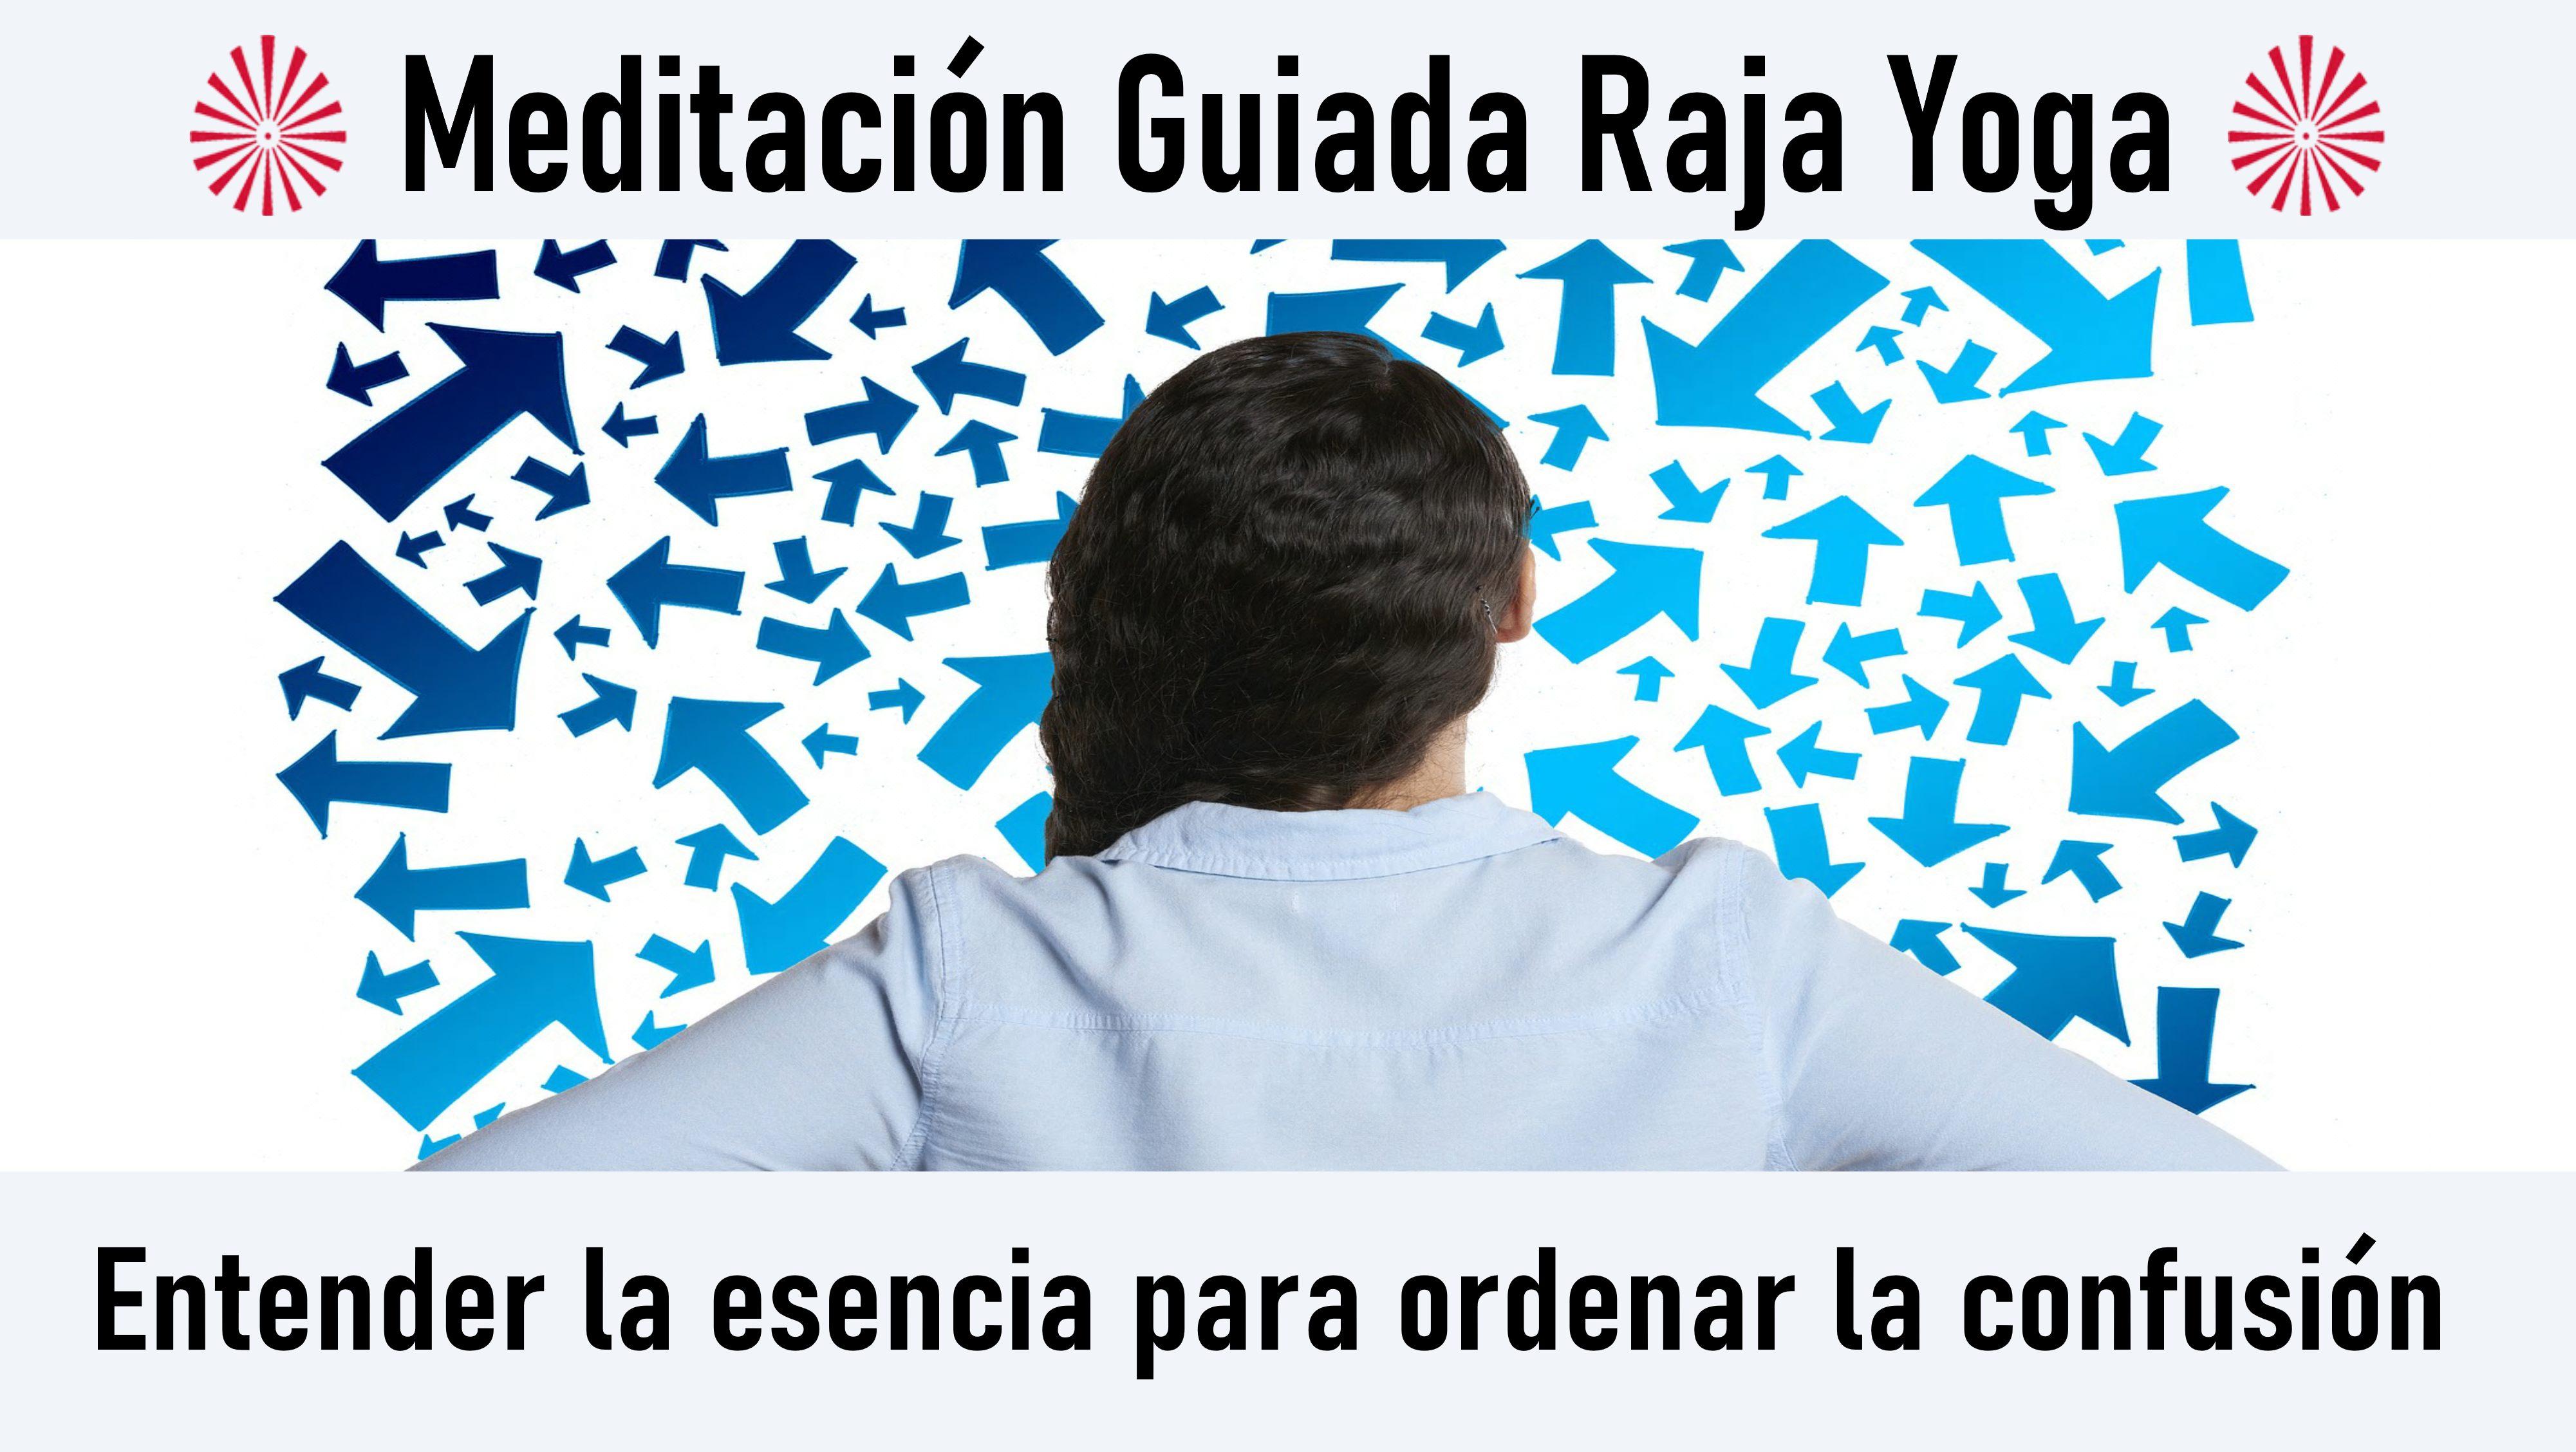 2 Octubre 2020 Meditación guiada: Entender la esencia para ordenar la confusión